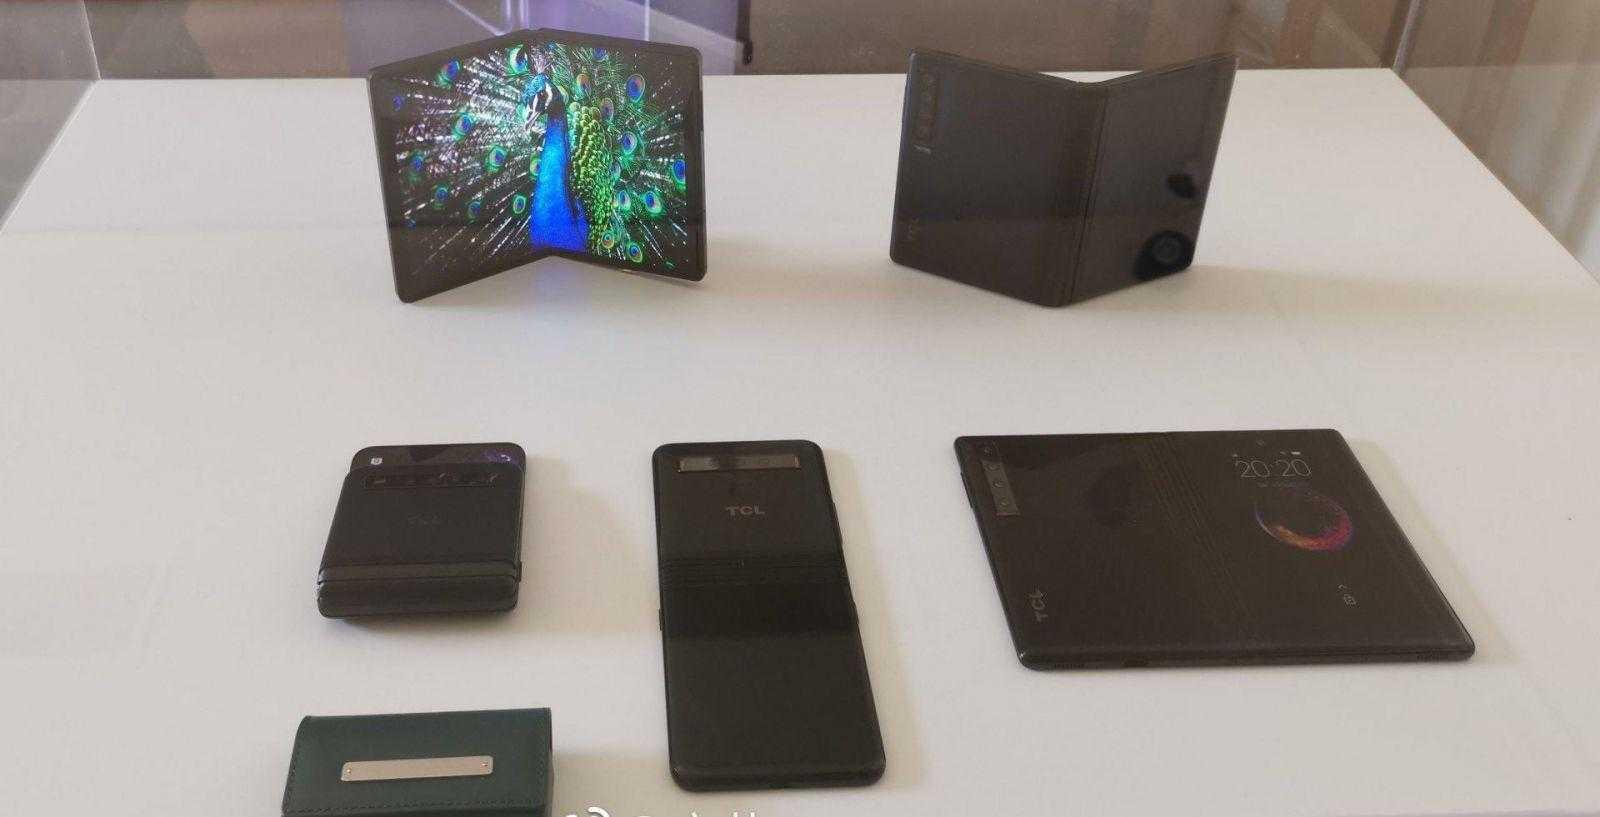 MWC 2019. TCL официально представила бюджетные сгибающиеся смартфоны MWC 2019. TCL официально представила бюджетные сгибающиеся смартфоны